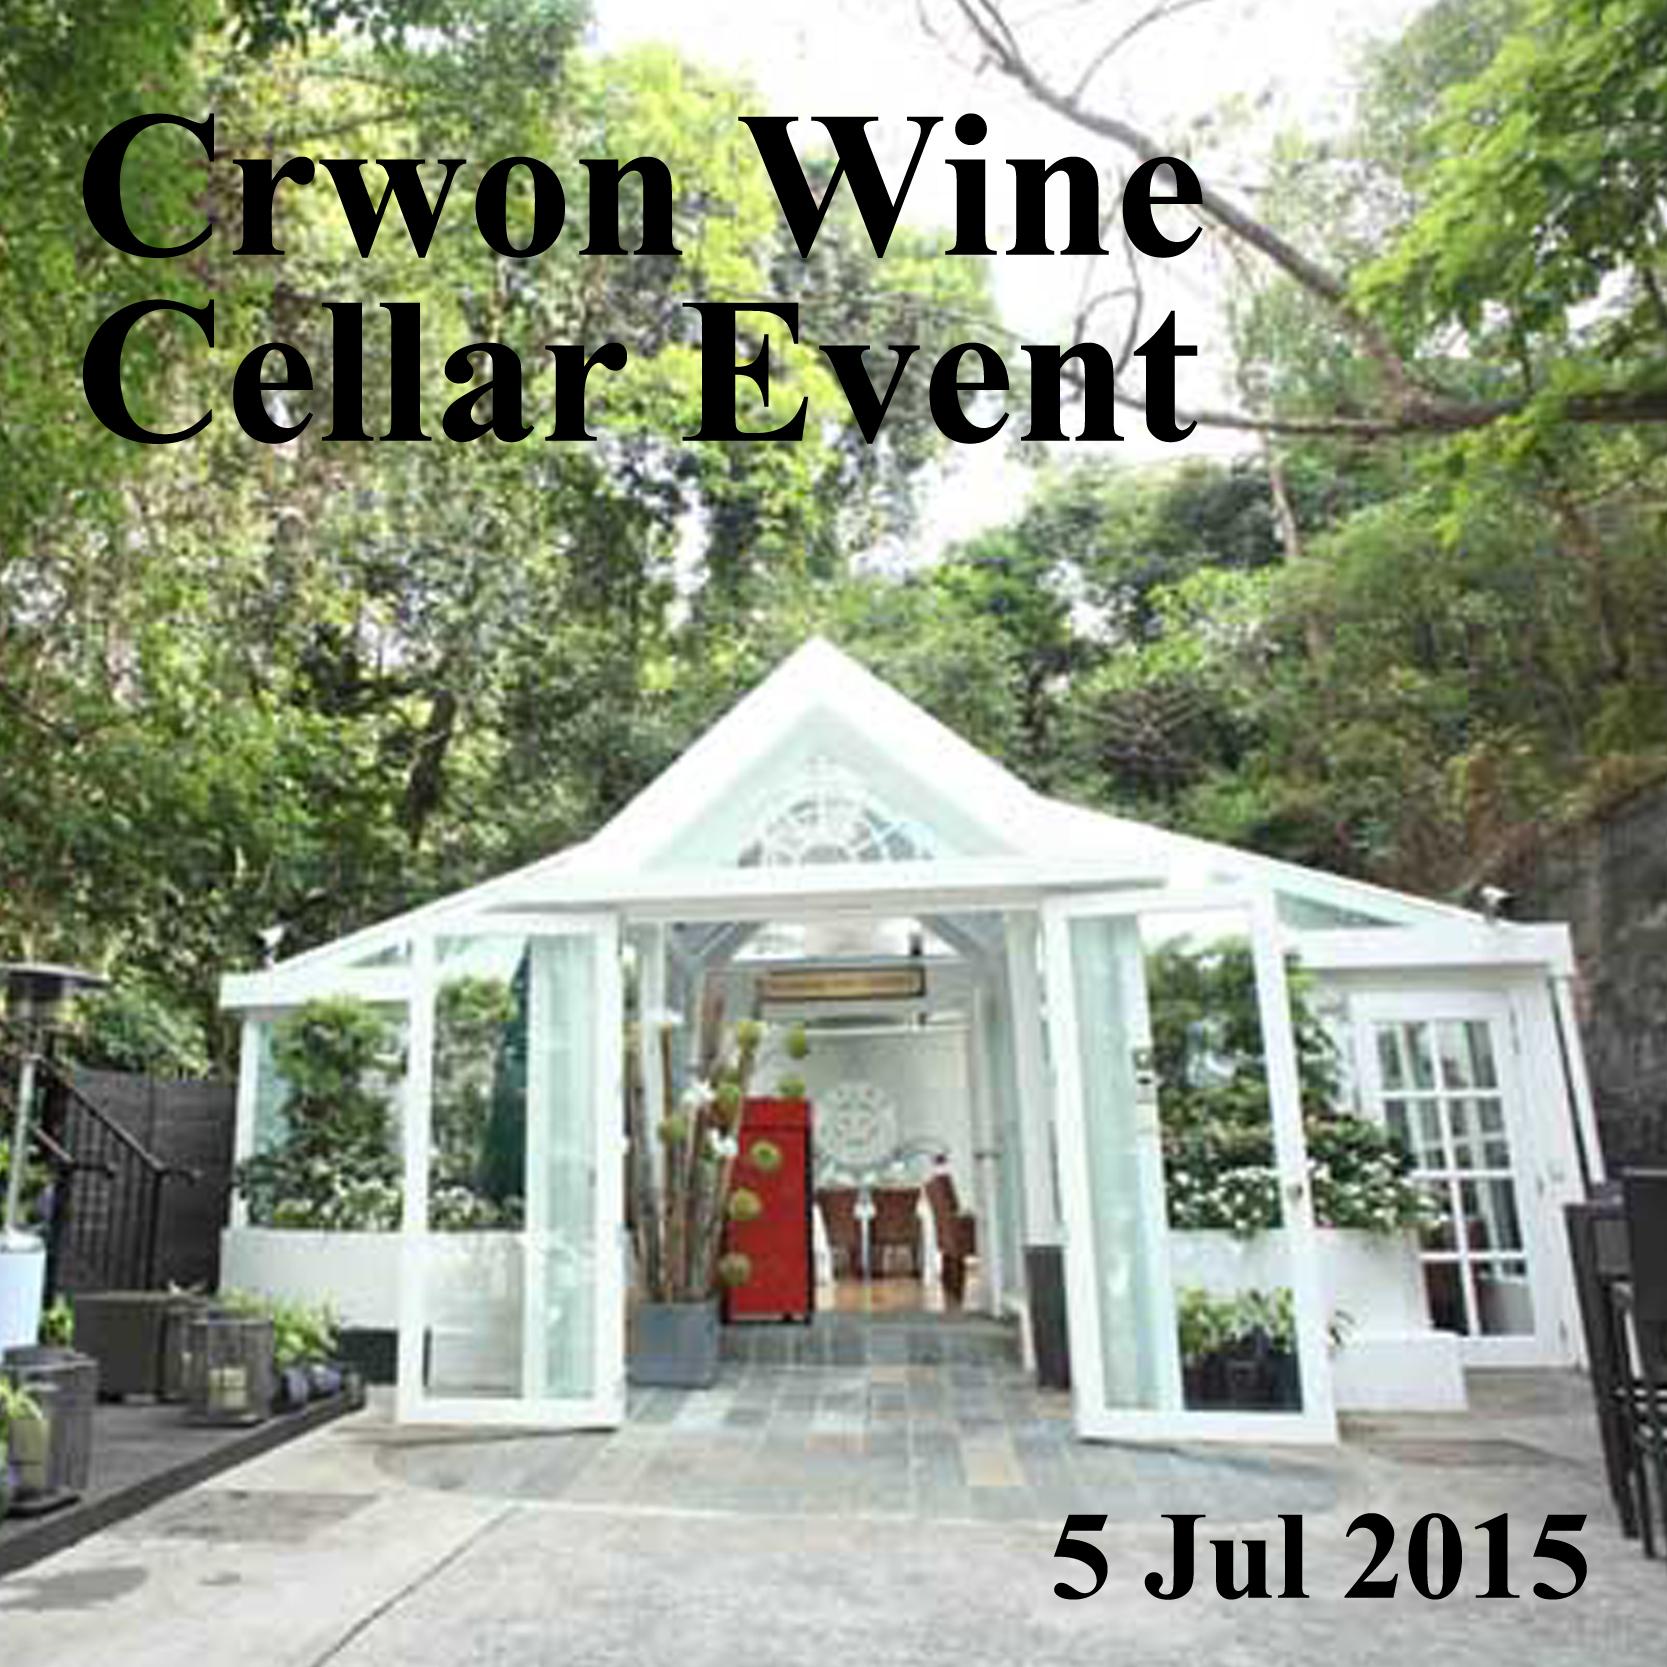 Jul 5 - Crown Wine Cellar Event @ Hong Kong